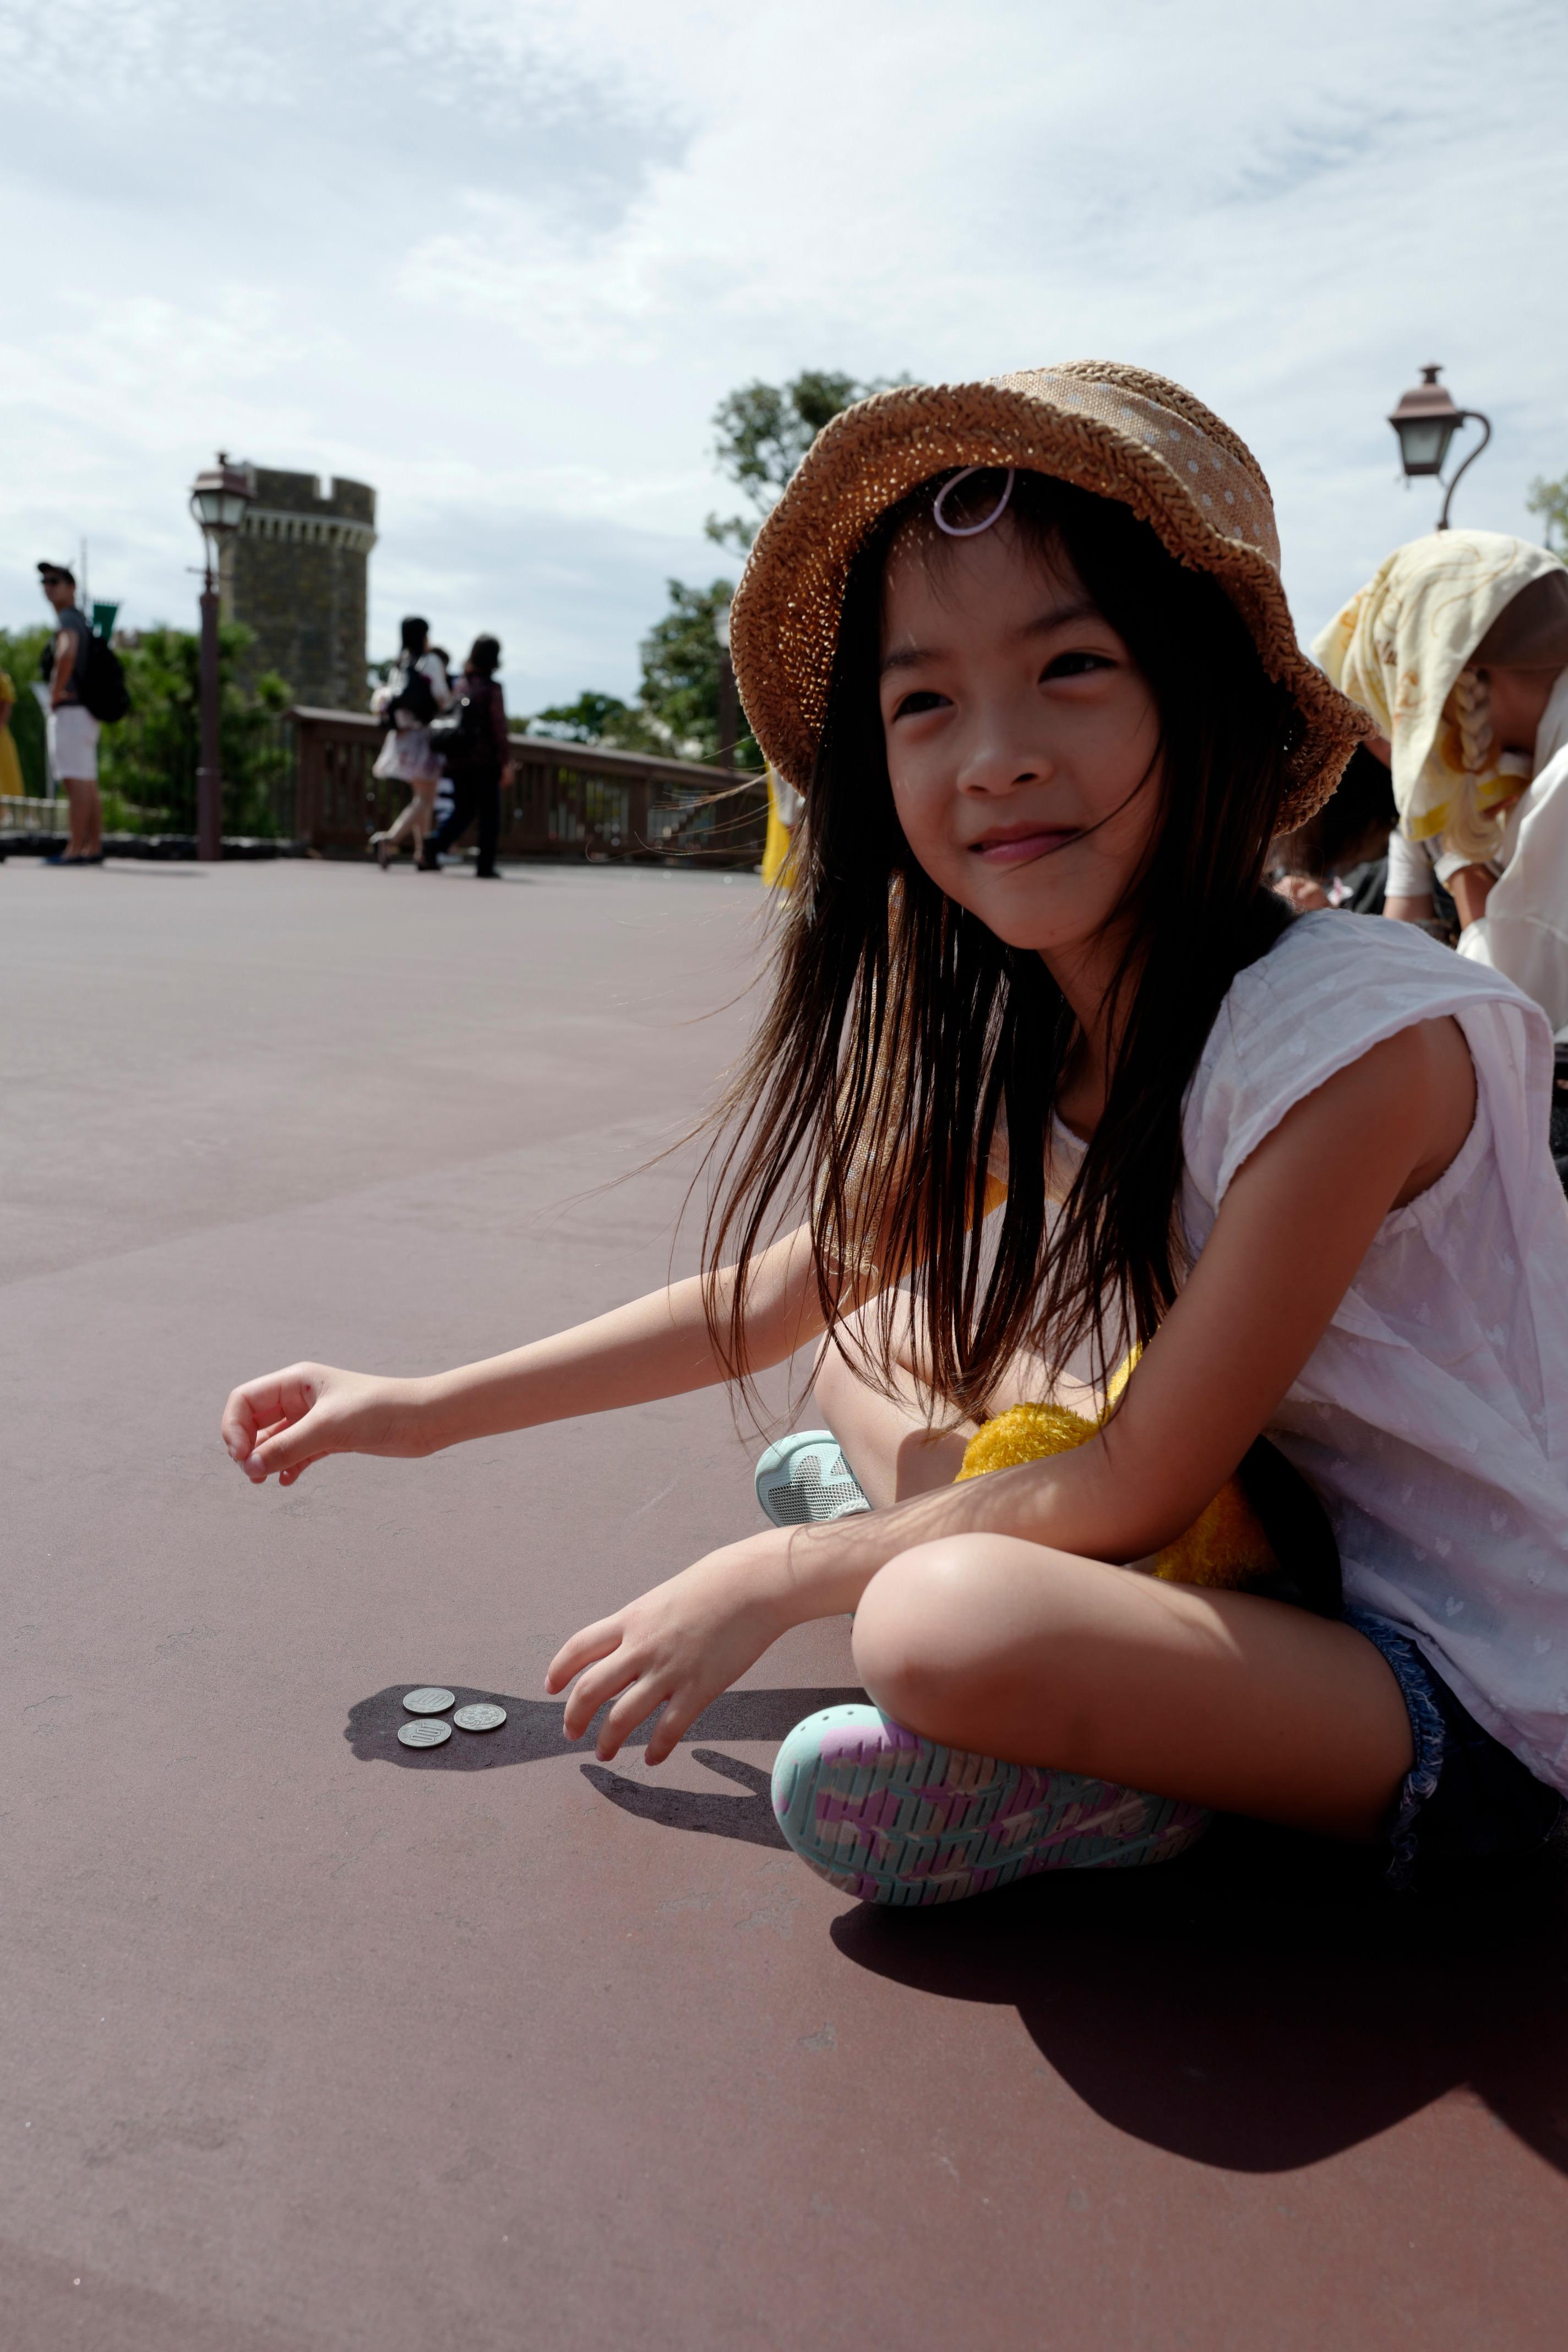 【日本亲子游.东京】东京迪士尼乐园.苹果vs西打变身冰雪奇缘女主角.开心玩乐在其中~~孩子的公主梦在这里实现成真了!!!